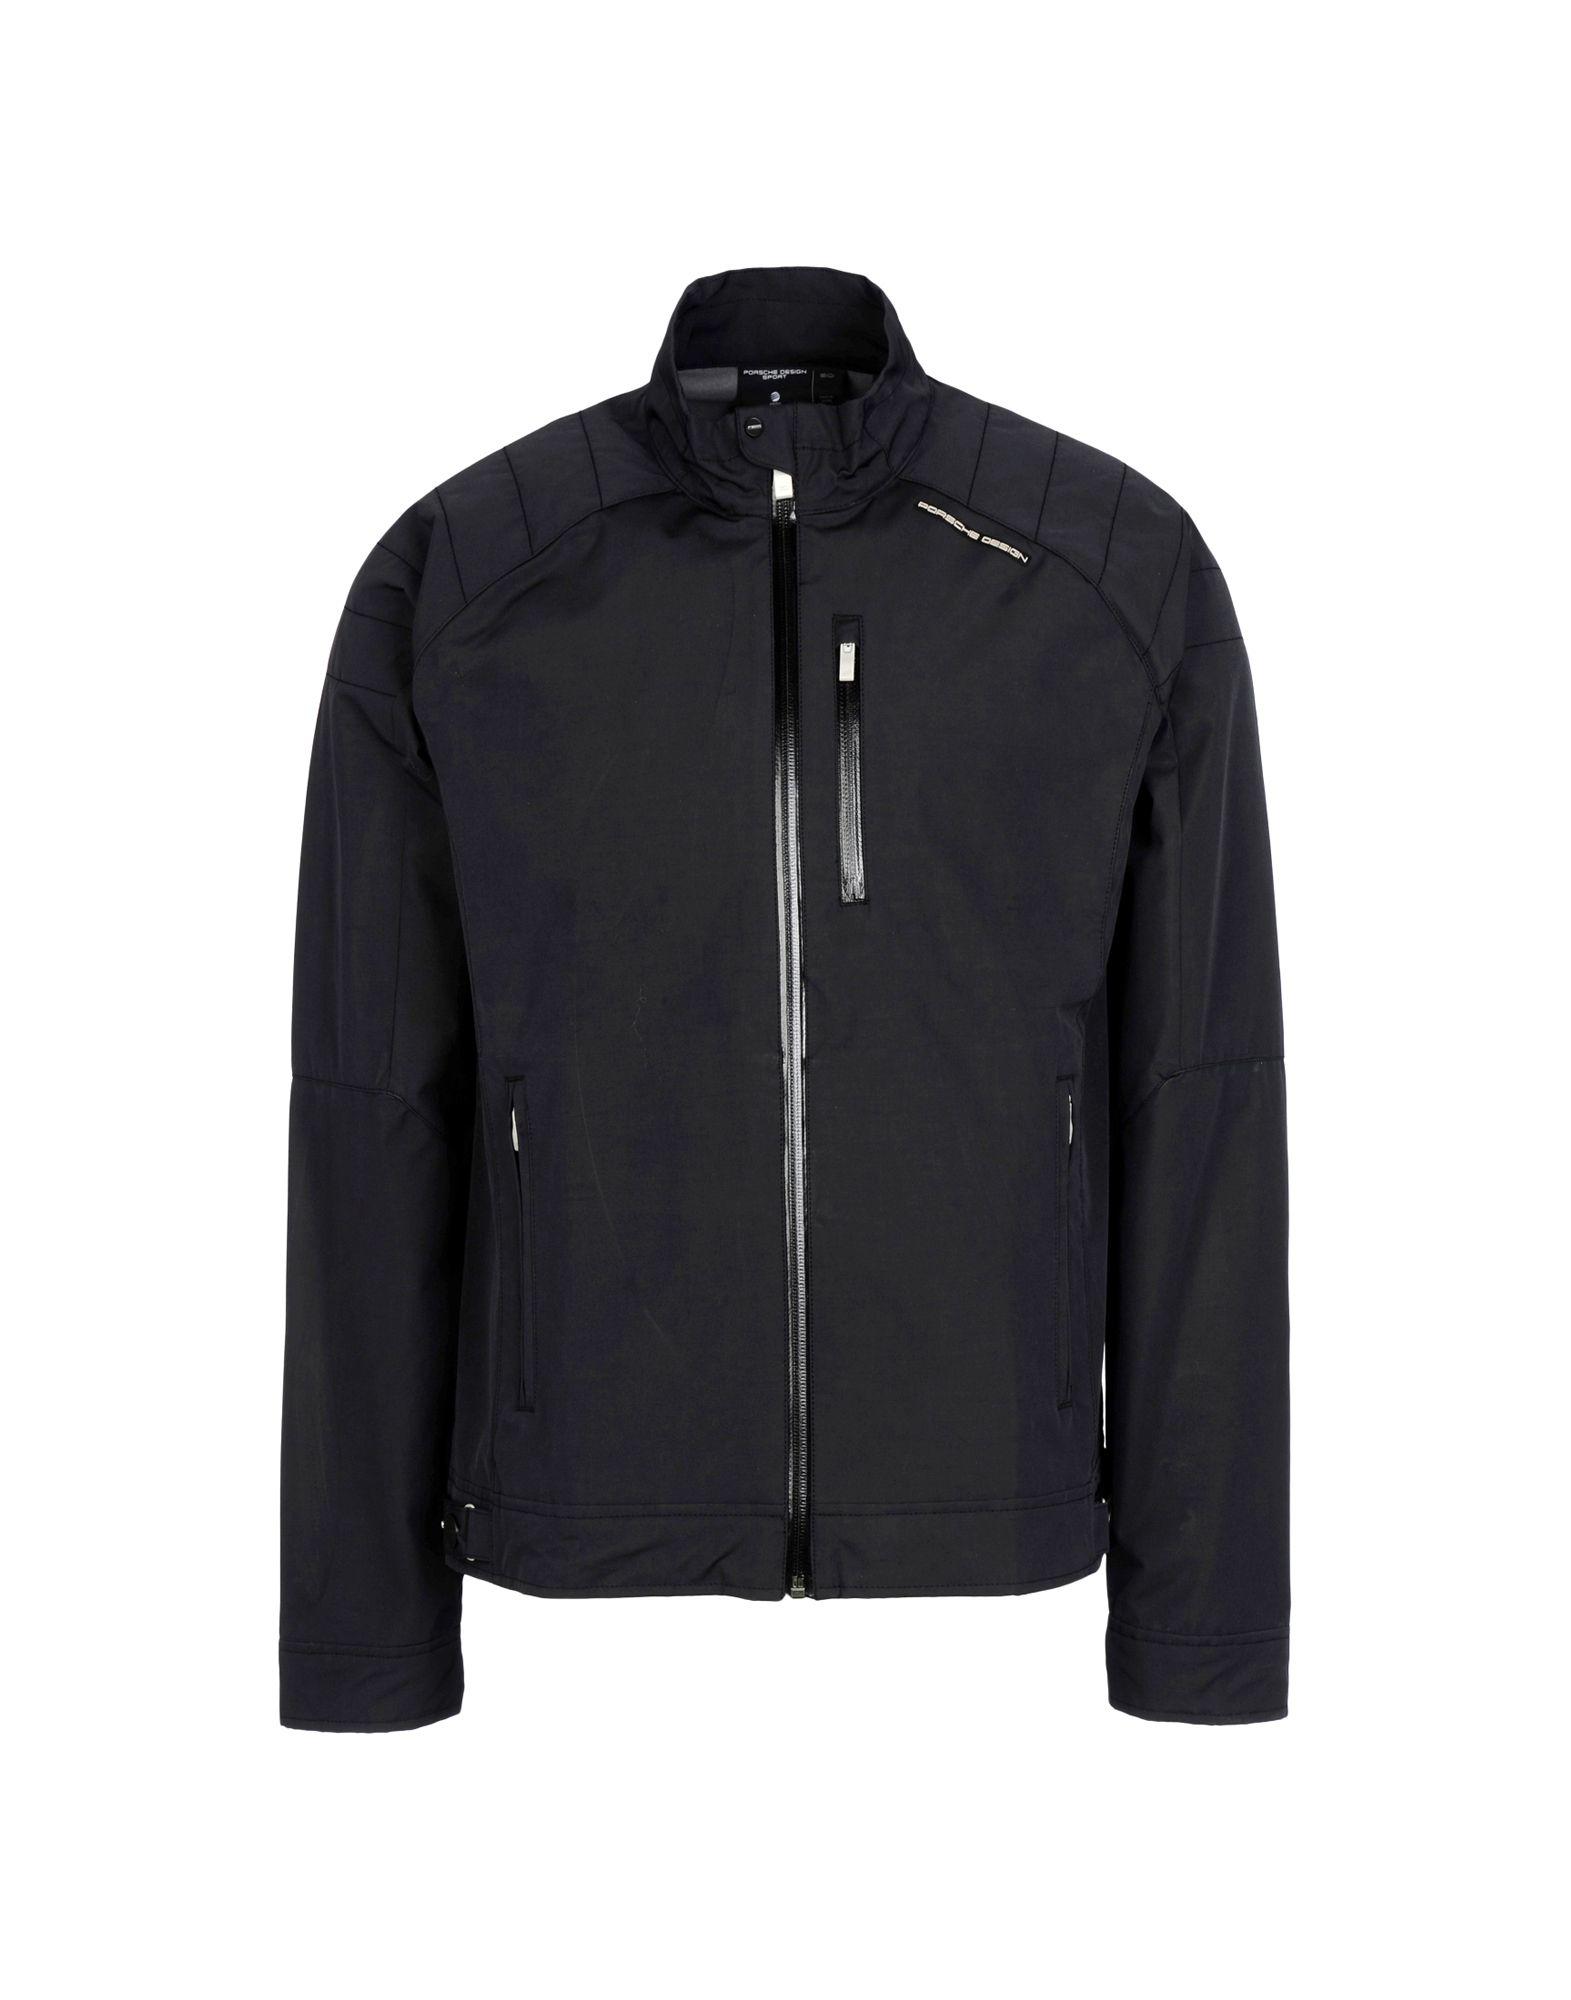 Lyst Porsche Design Jacket In Black For Men